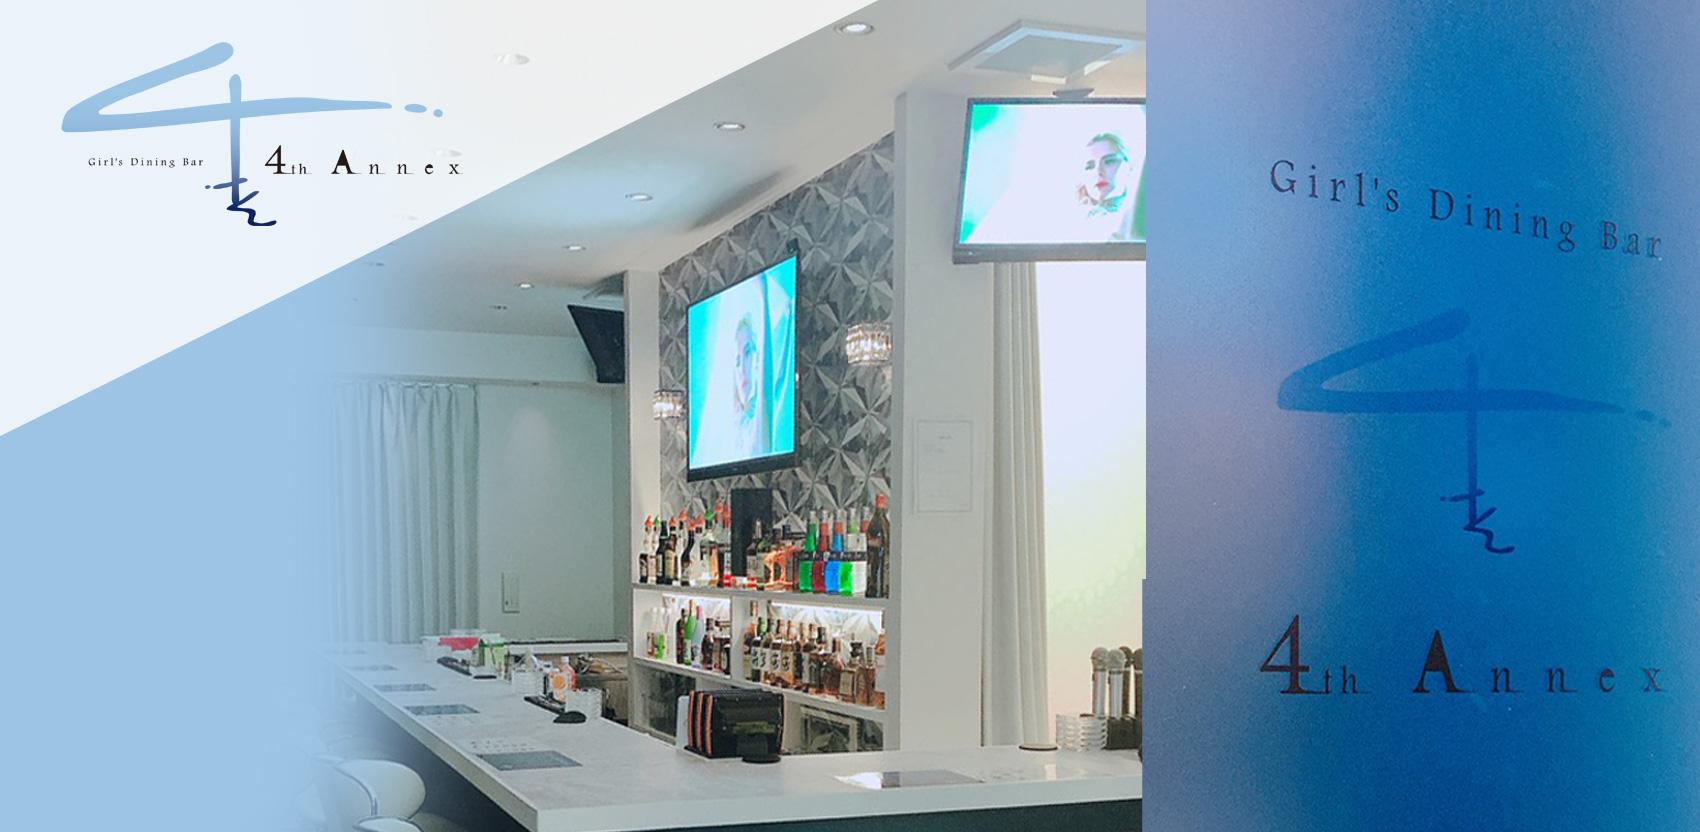 [春吉]Girl's Dining Bar 4thAnnex (ガールズダイニングバー・フォースアネックス)